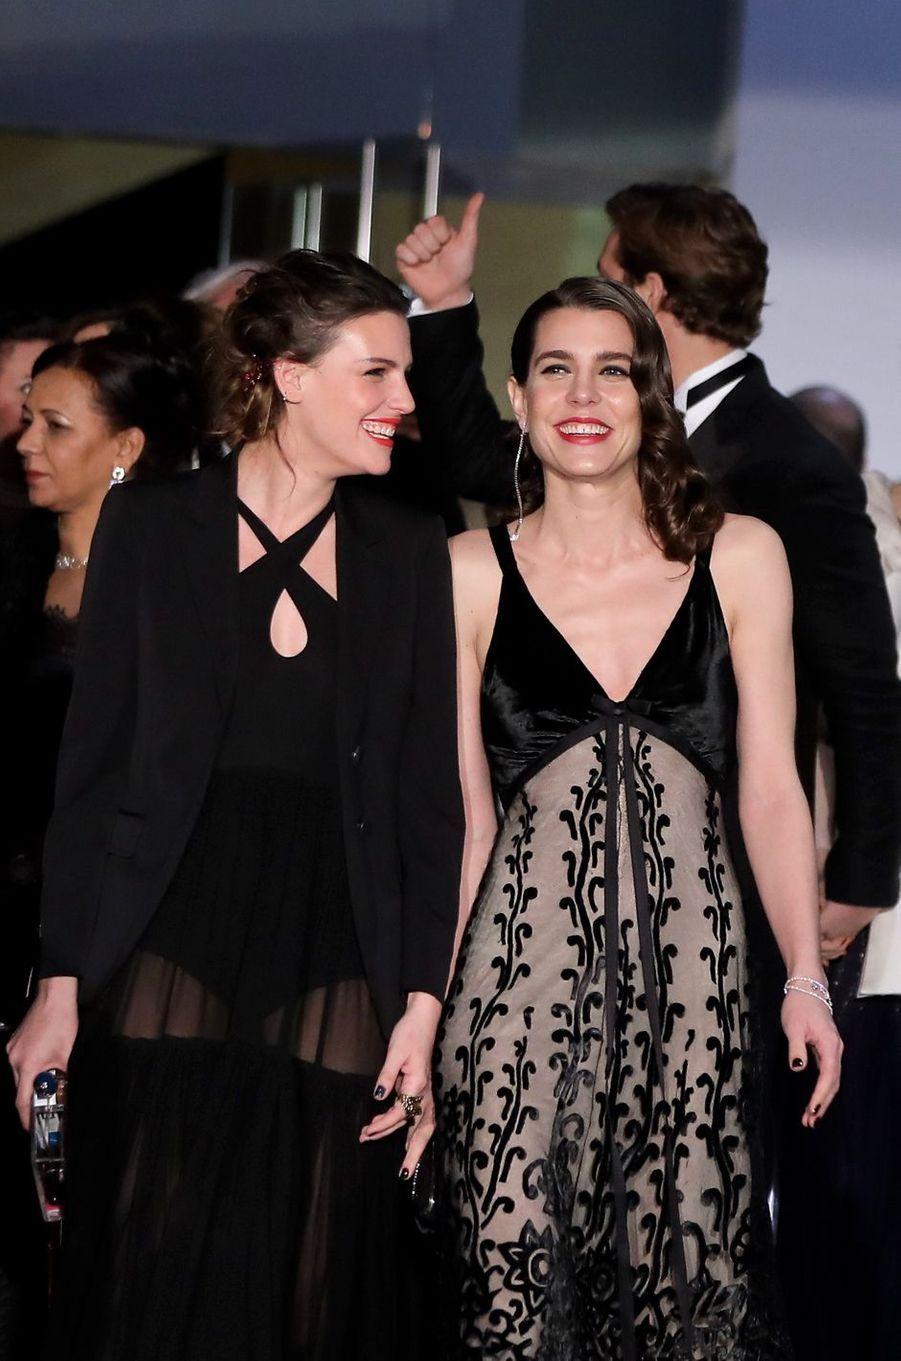 Juliette Maillot et Charlotte Casiraghi au Bal de la Rose, le 18 mars 2017.